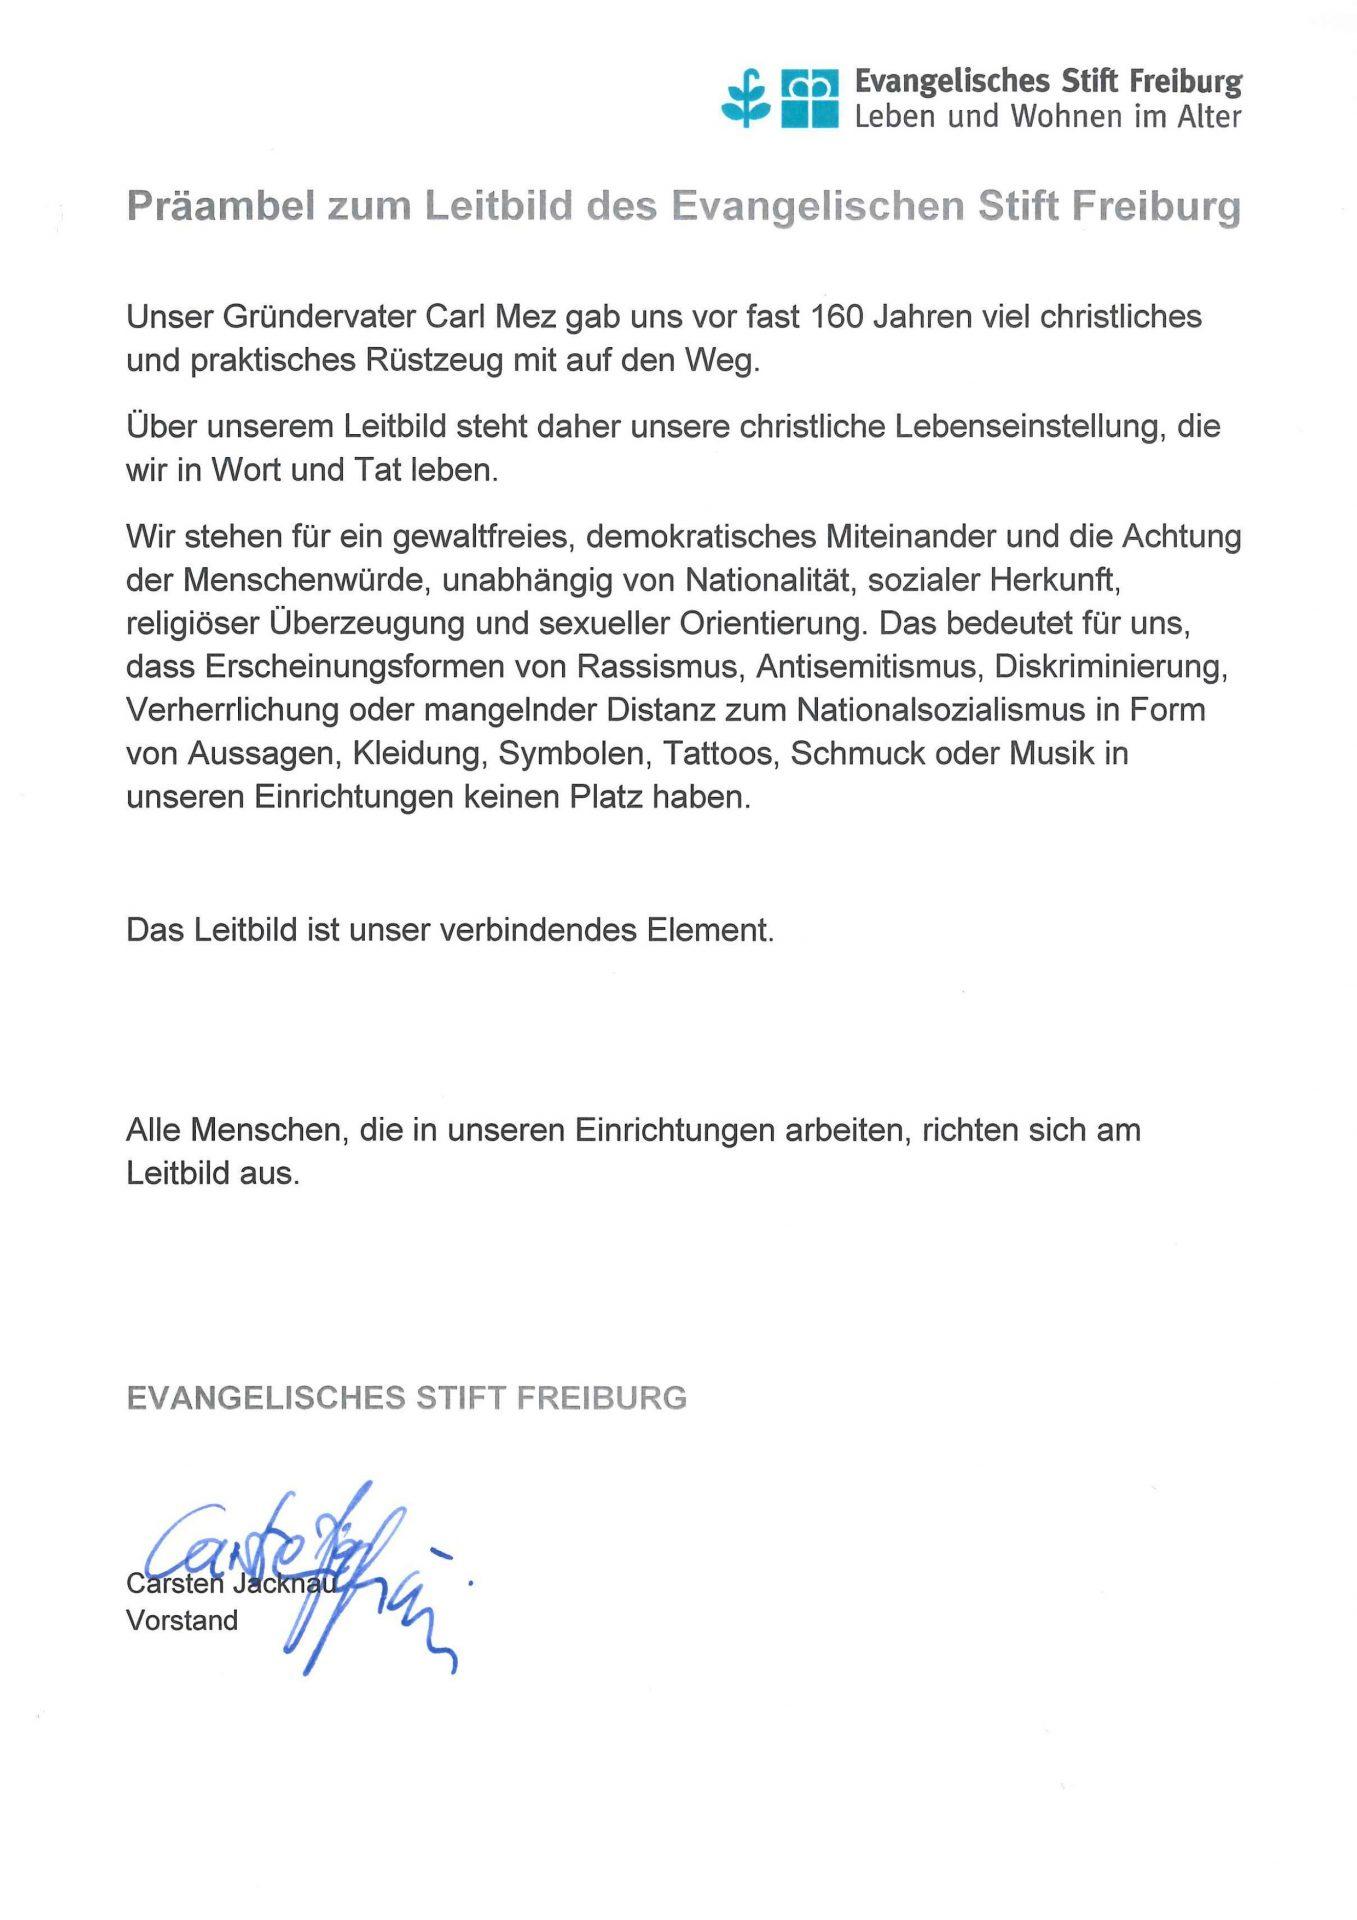 Leitbild-Evangelisches-Stift-Freiburg-2020-Seite-1